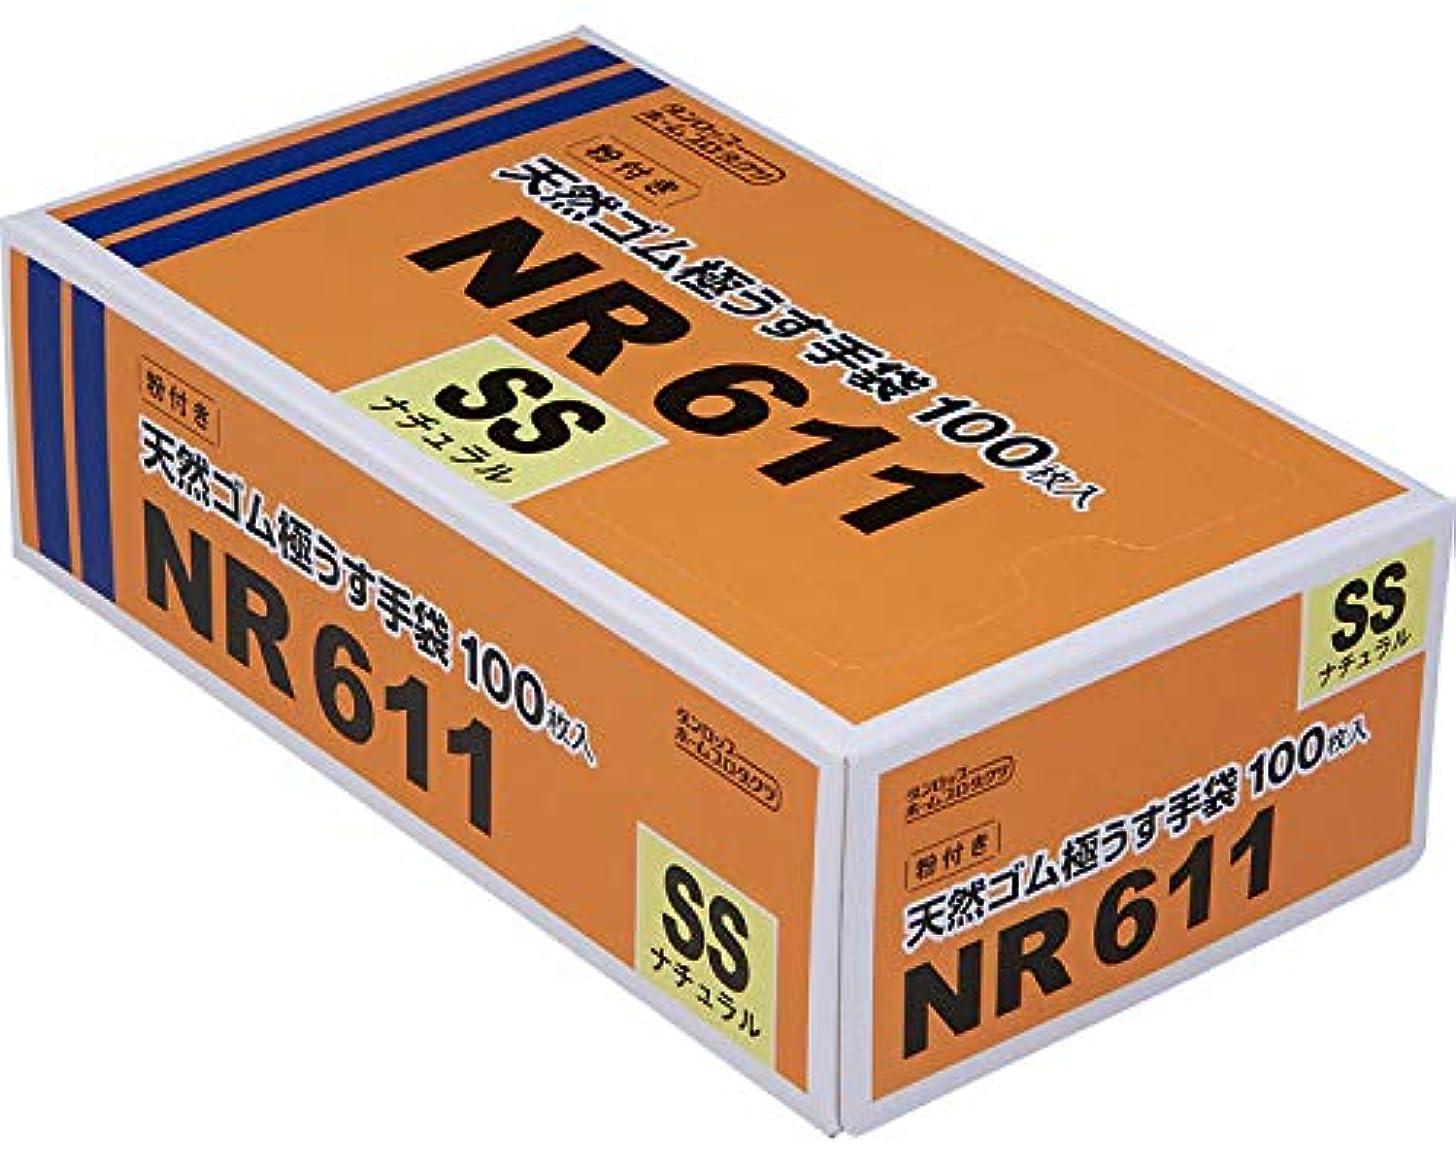 上へ定刻ポイント【ダンロップ】粉付天然ゴム極うす手袋ナチュラル(20箱入)NR611 (1ケース, SSサイズ)